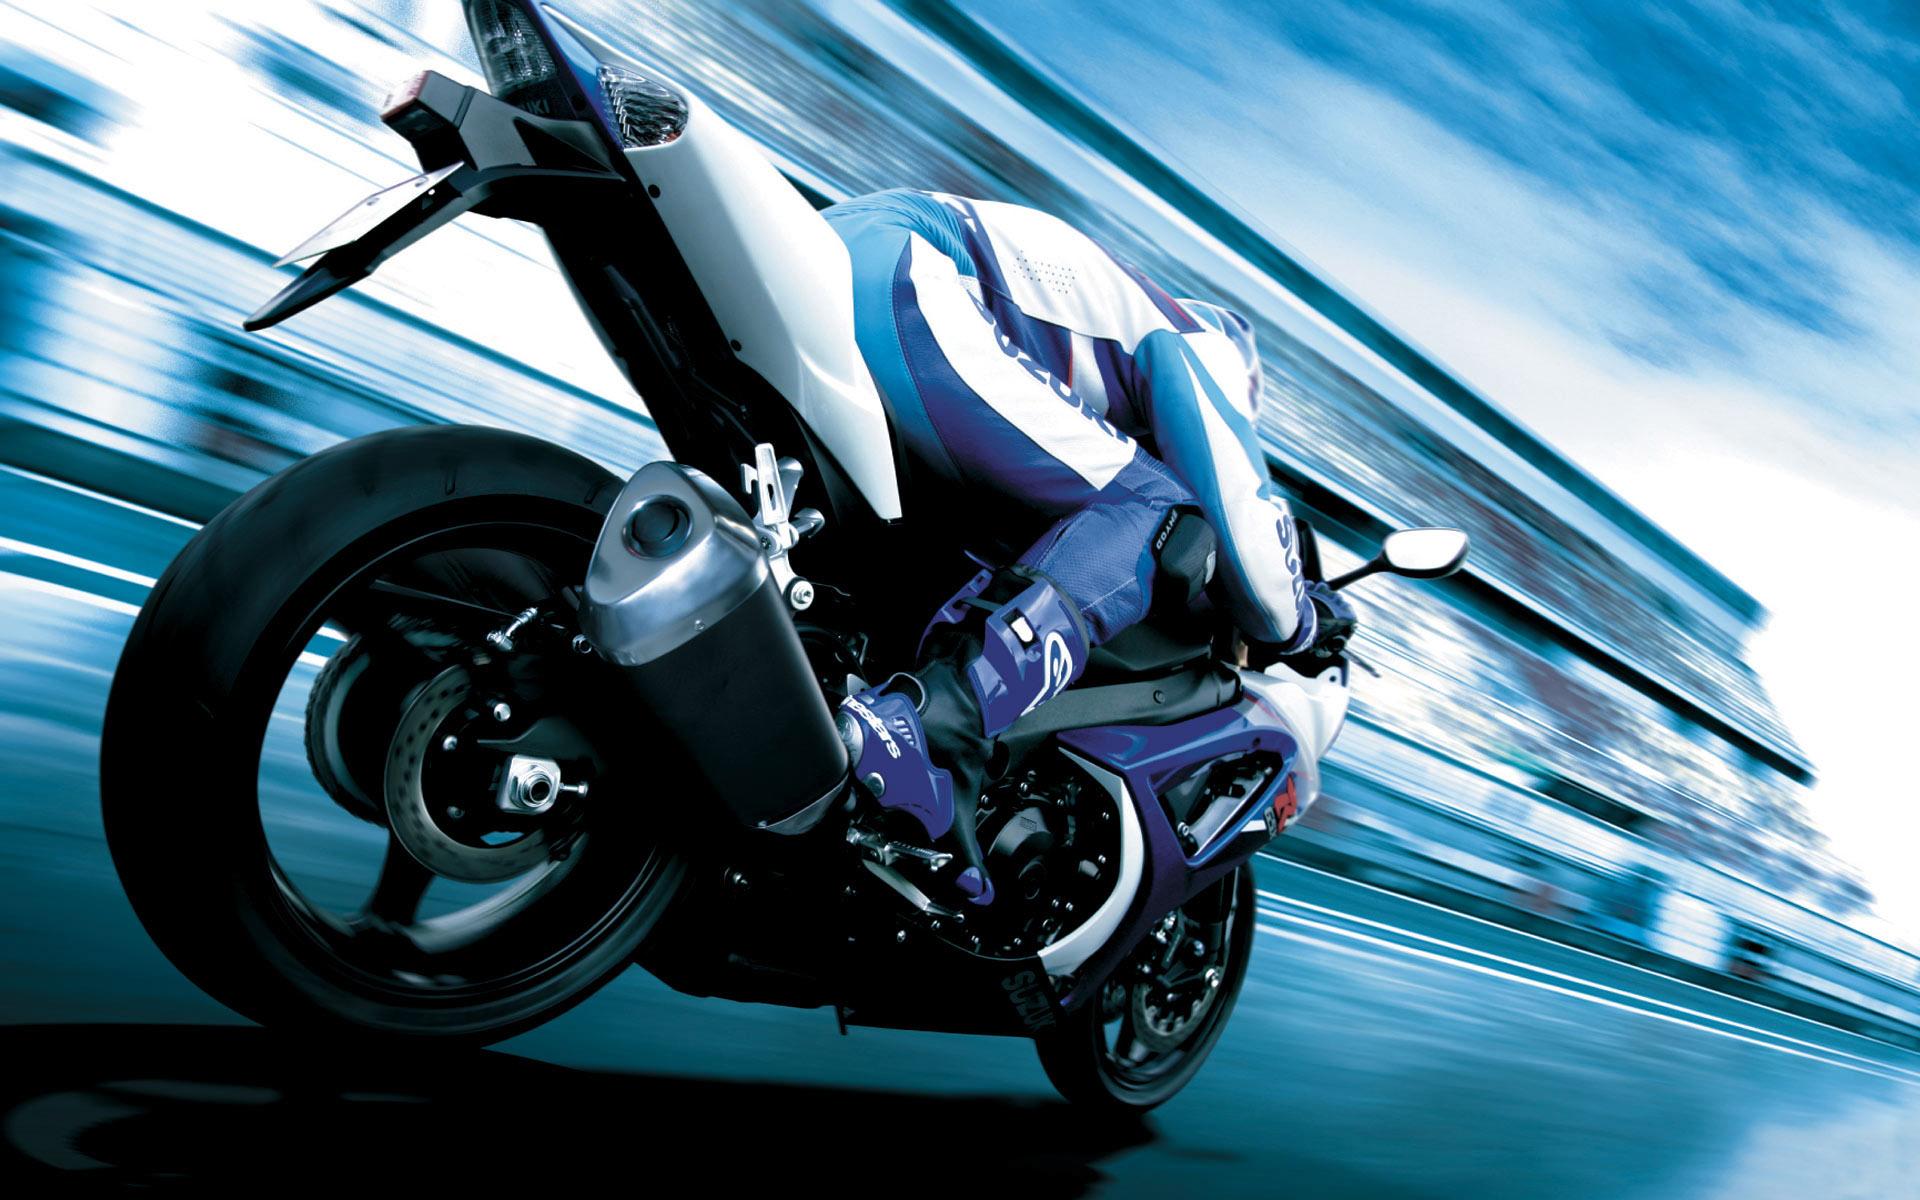 UKMOTO IMPORTATION MOTO ANGLETERRE 4 motorcycle 11 - importateur moto estimation en ligne ukmoto